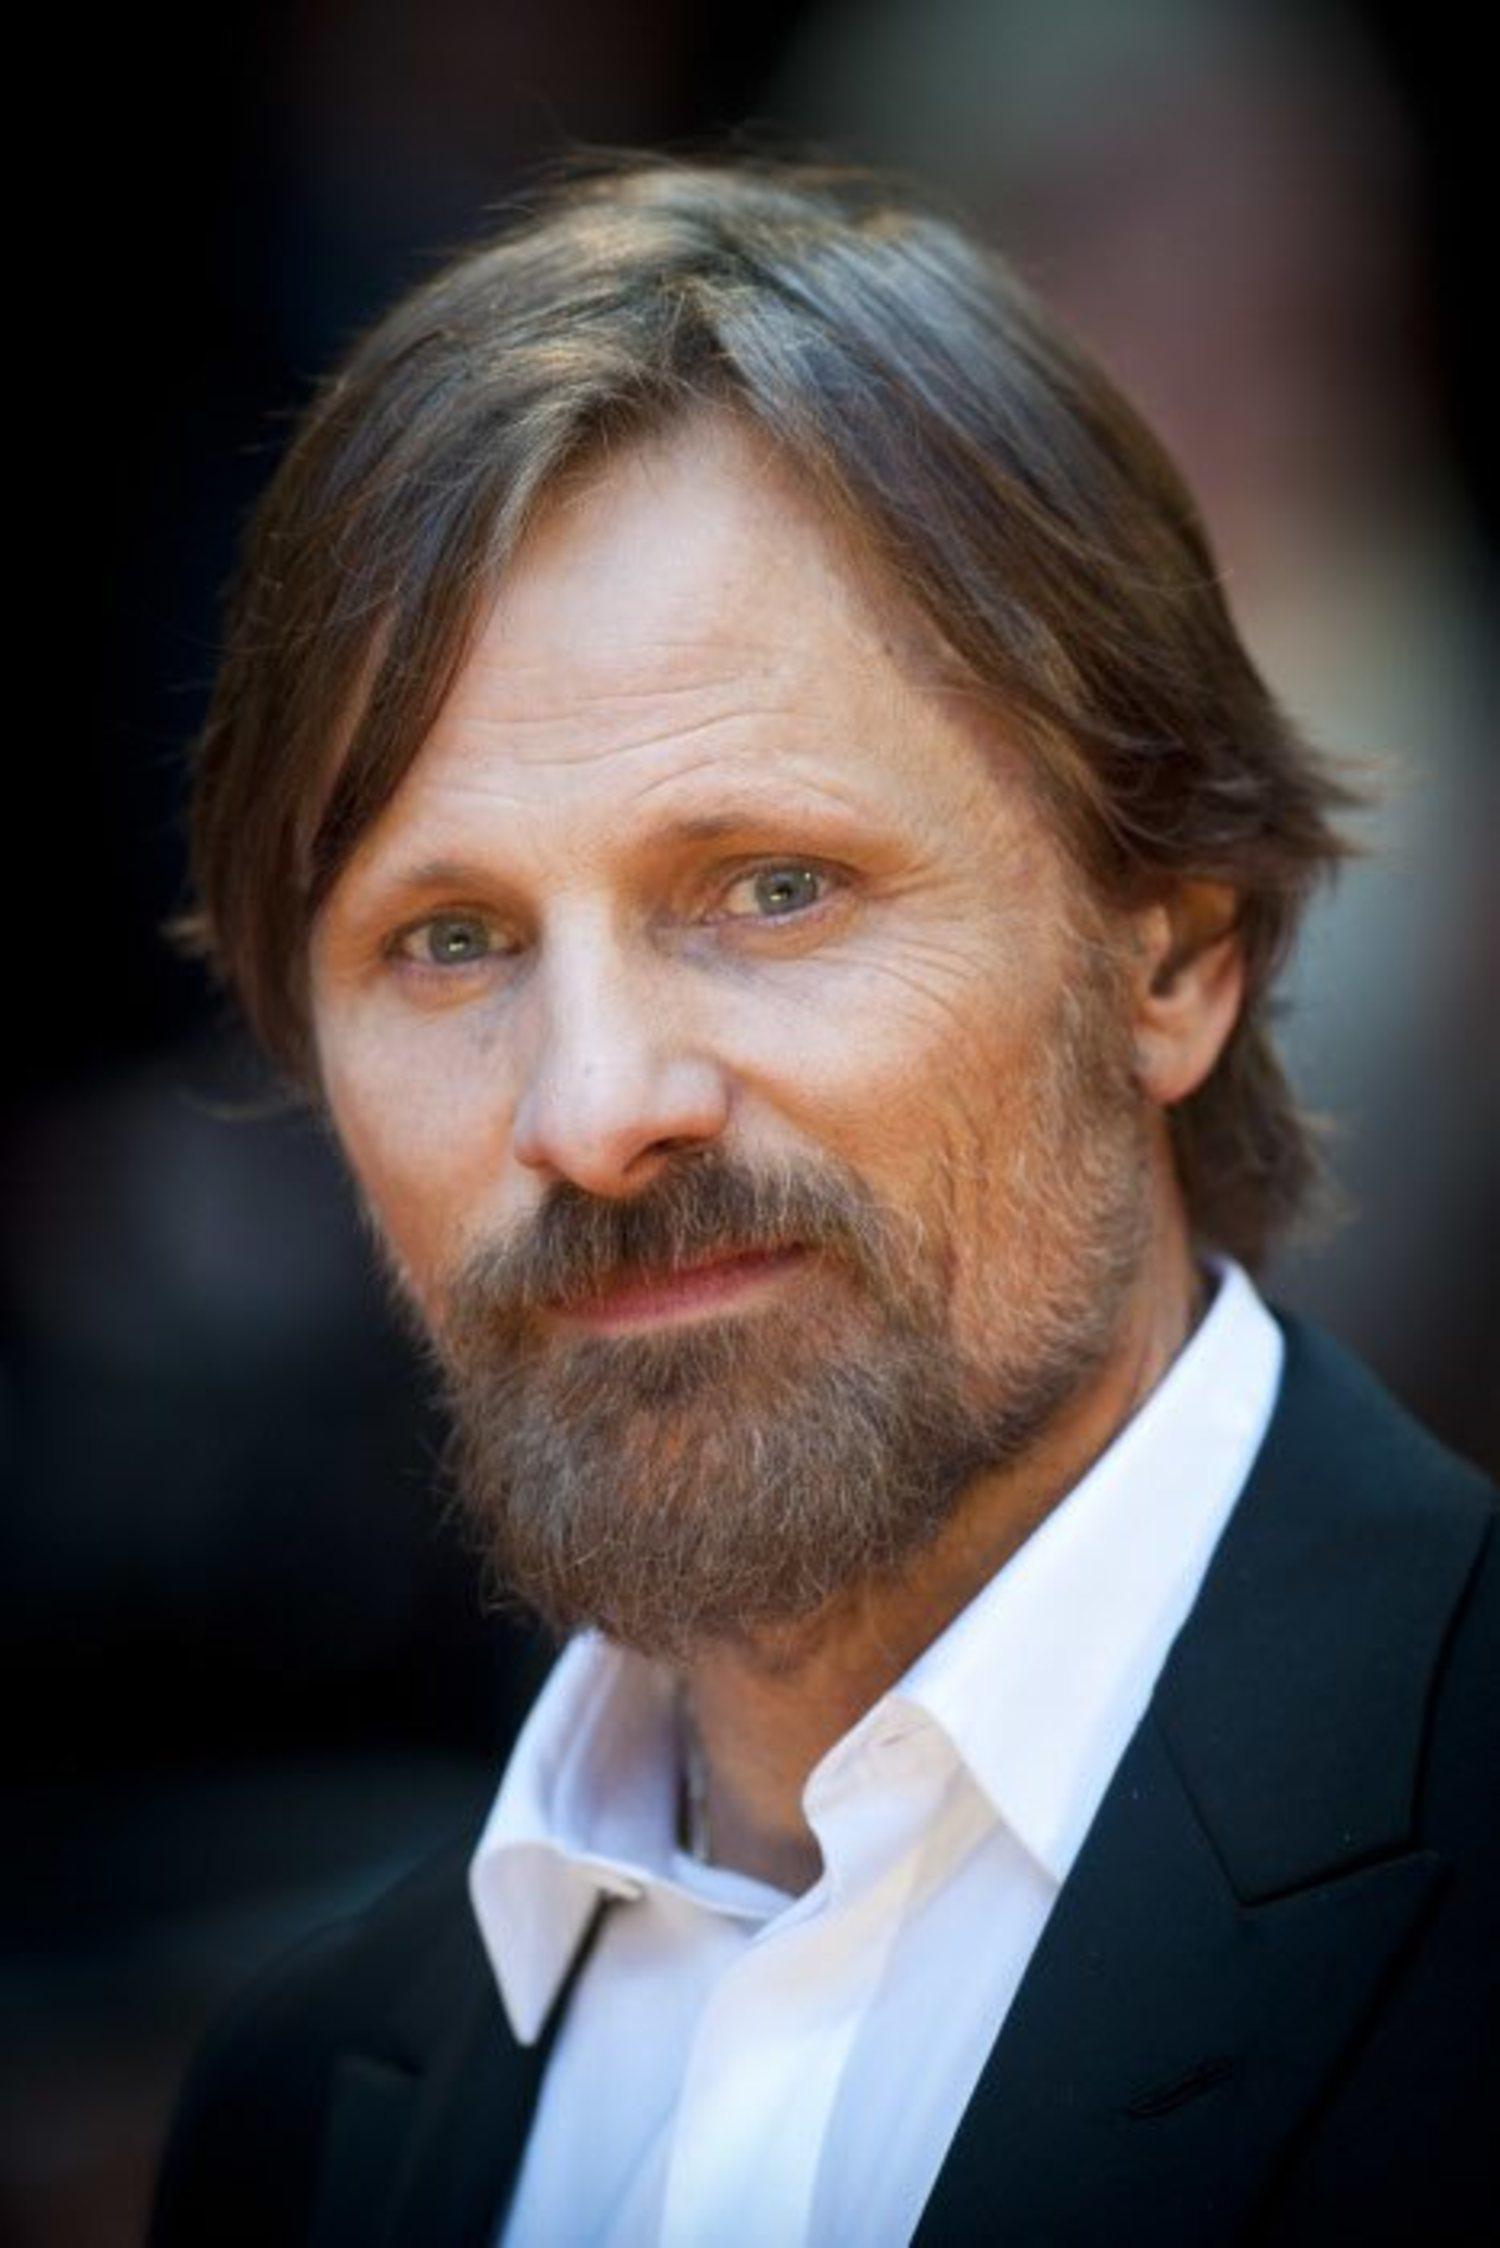 Viggo Mortensen, en la alfombra roja con una perfecta barba hollywoodense